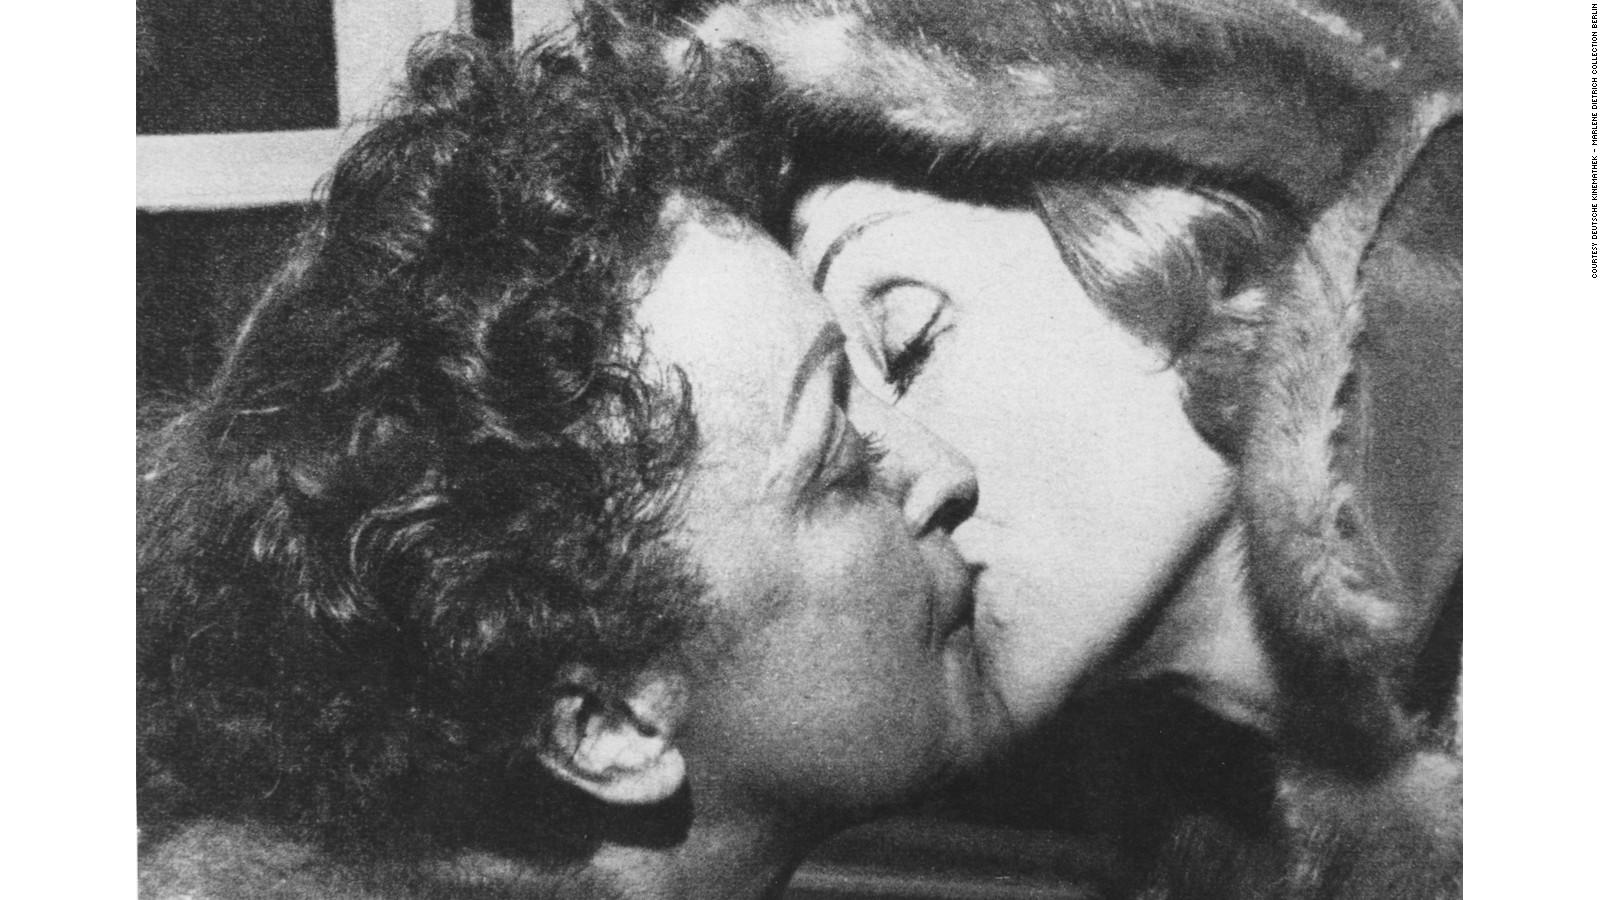 Marlene Dietrich Marlene Dietrich new picture